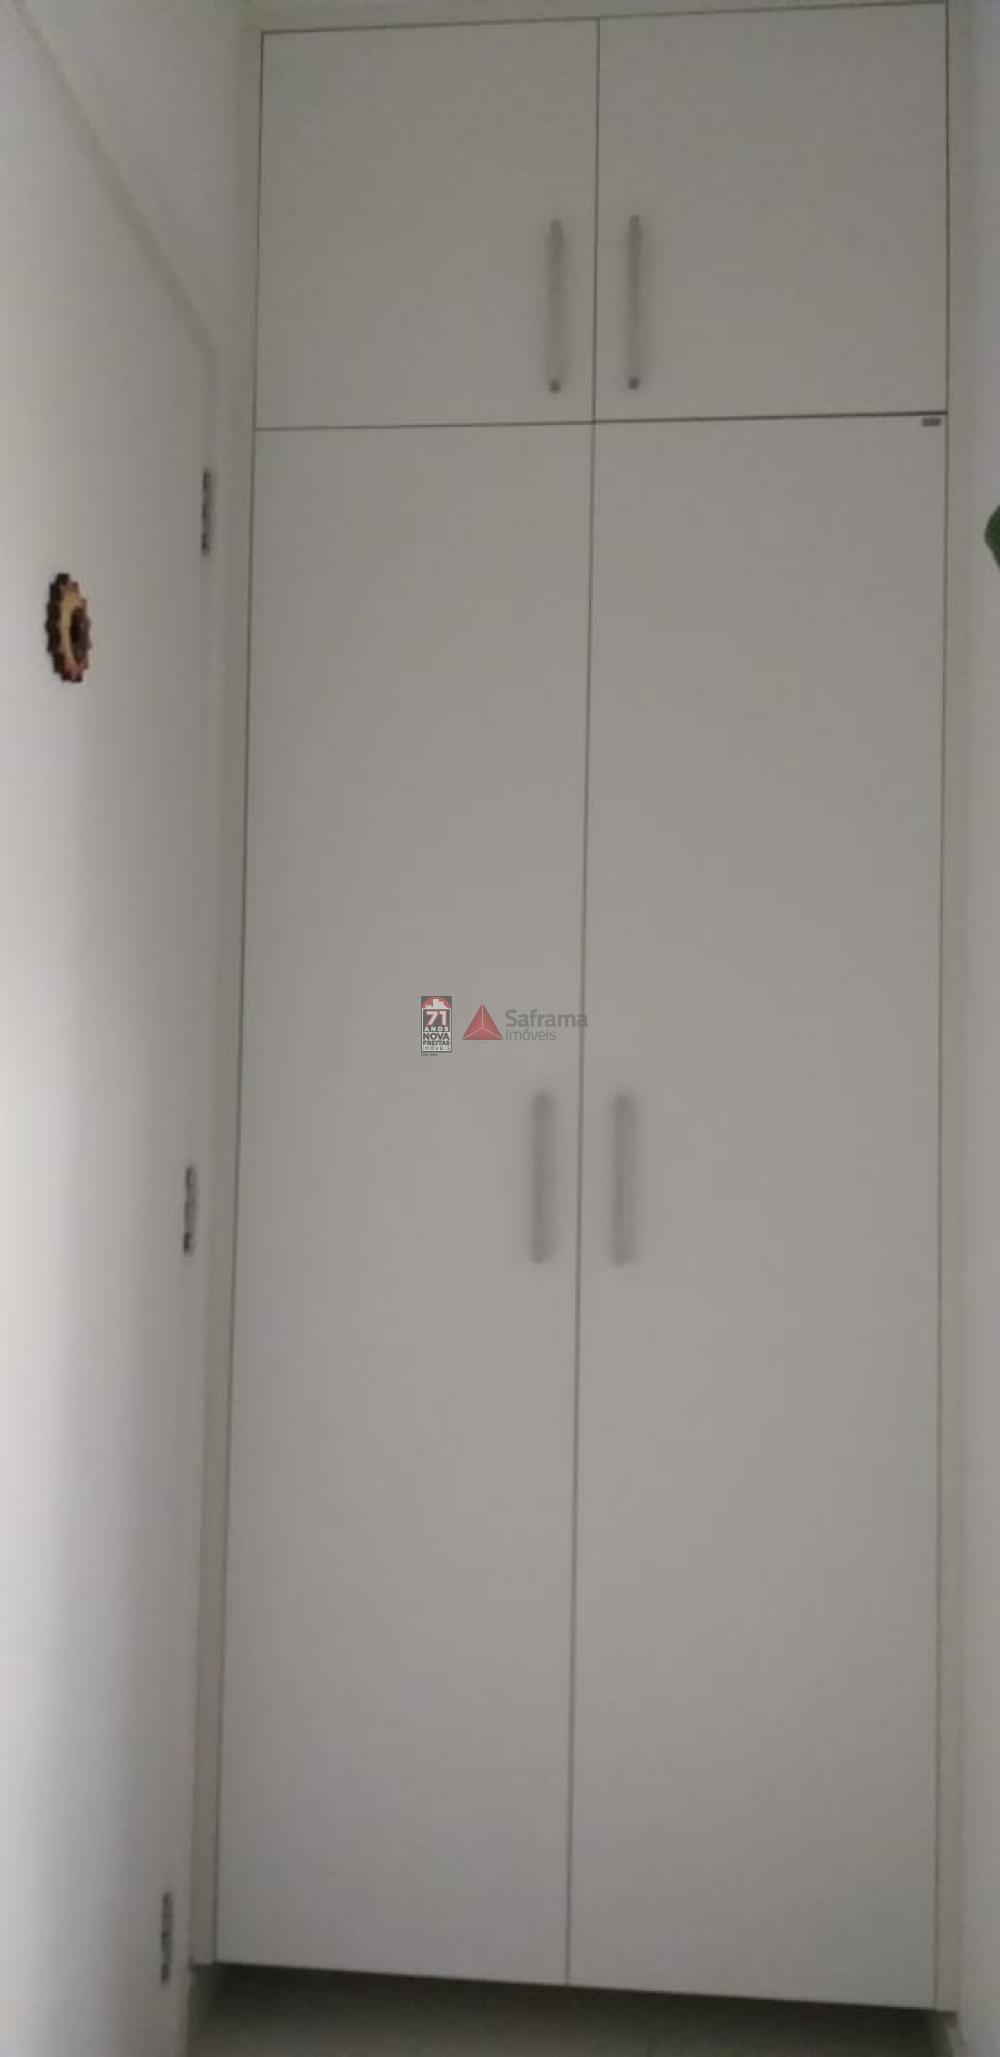 Comprar Apartamento / Padrão em São José dos Campos R$ 930.000,00 - Foto 22